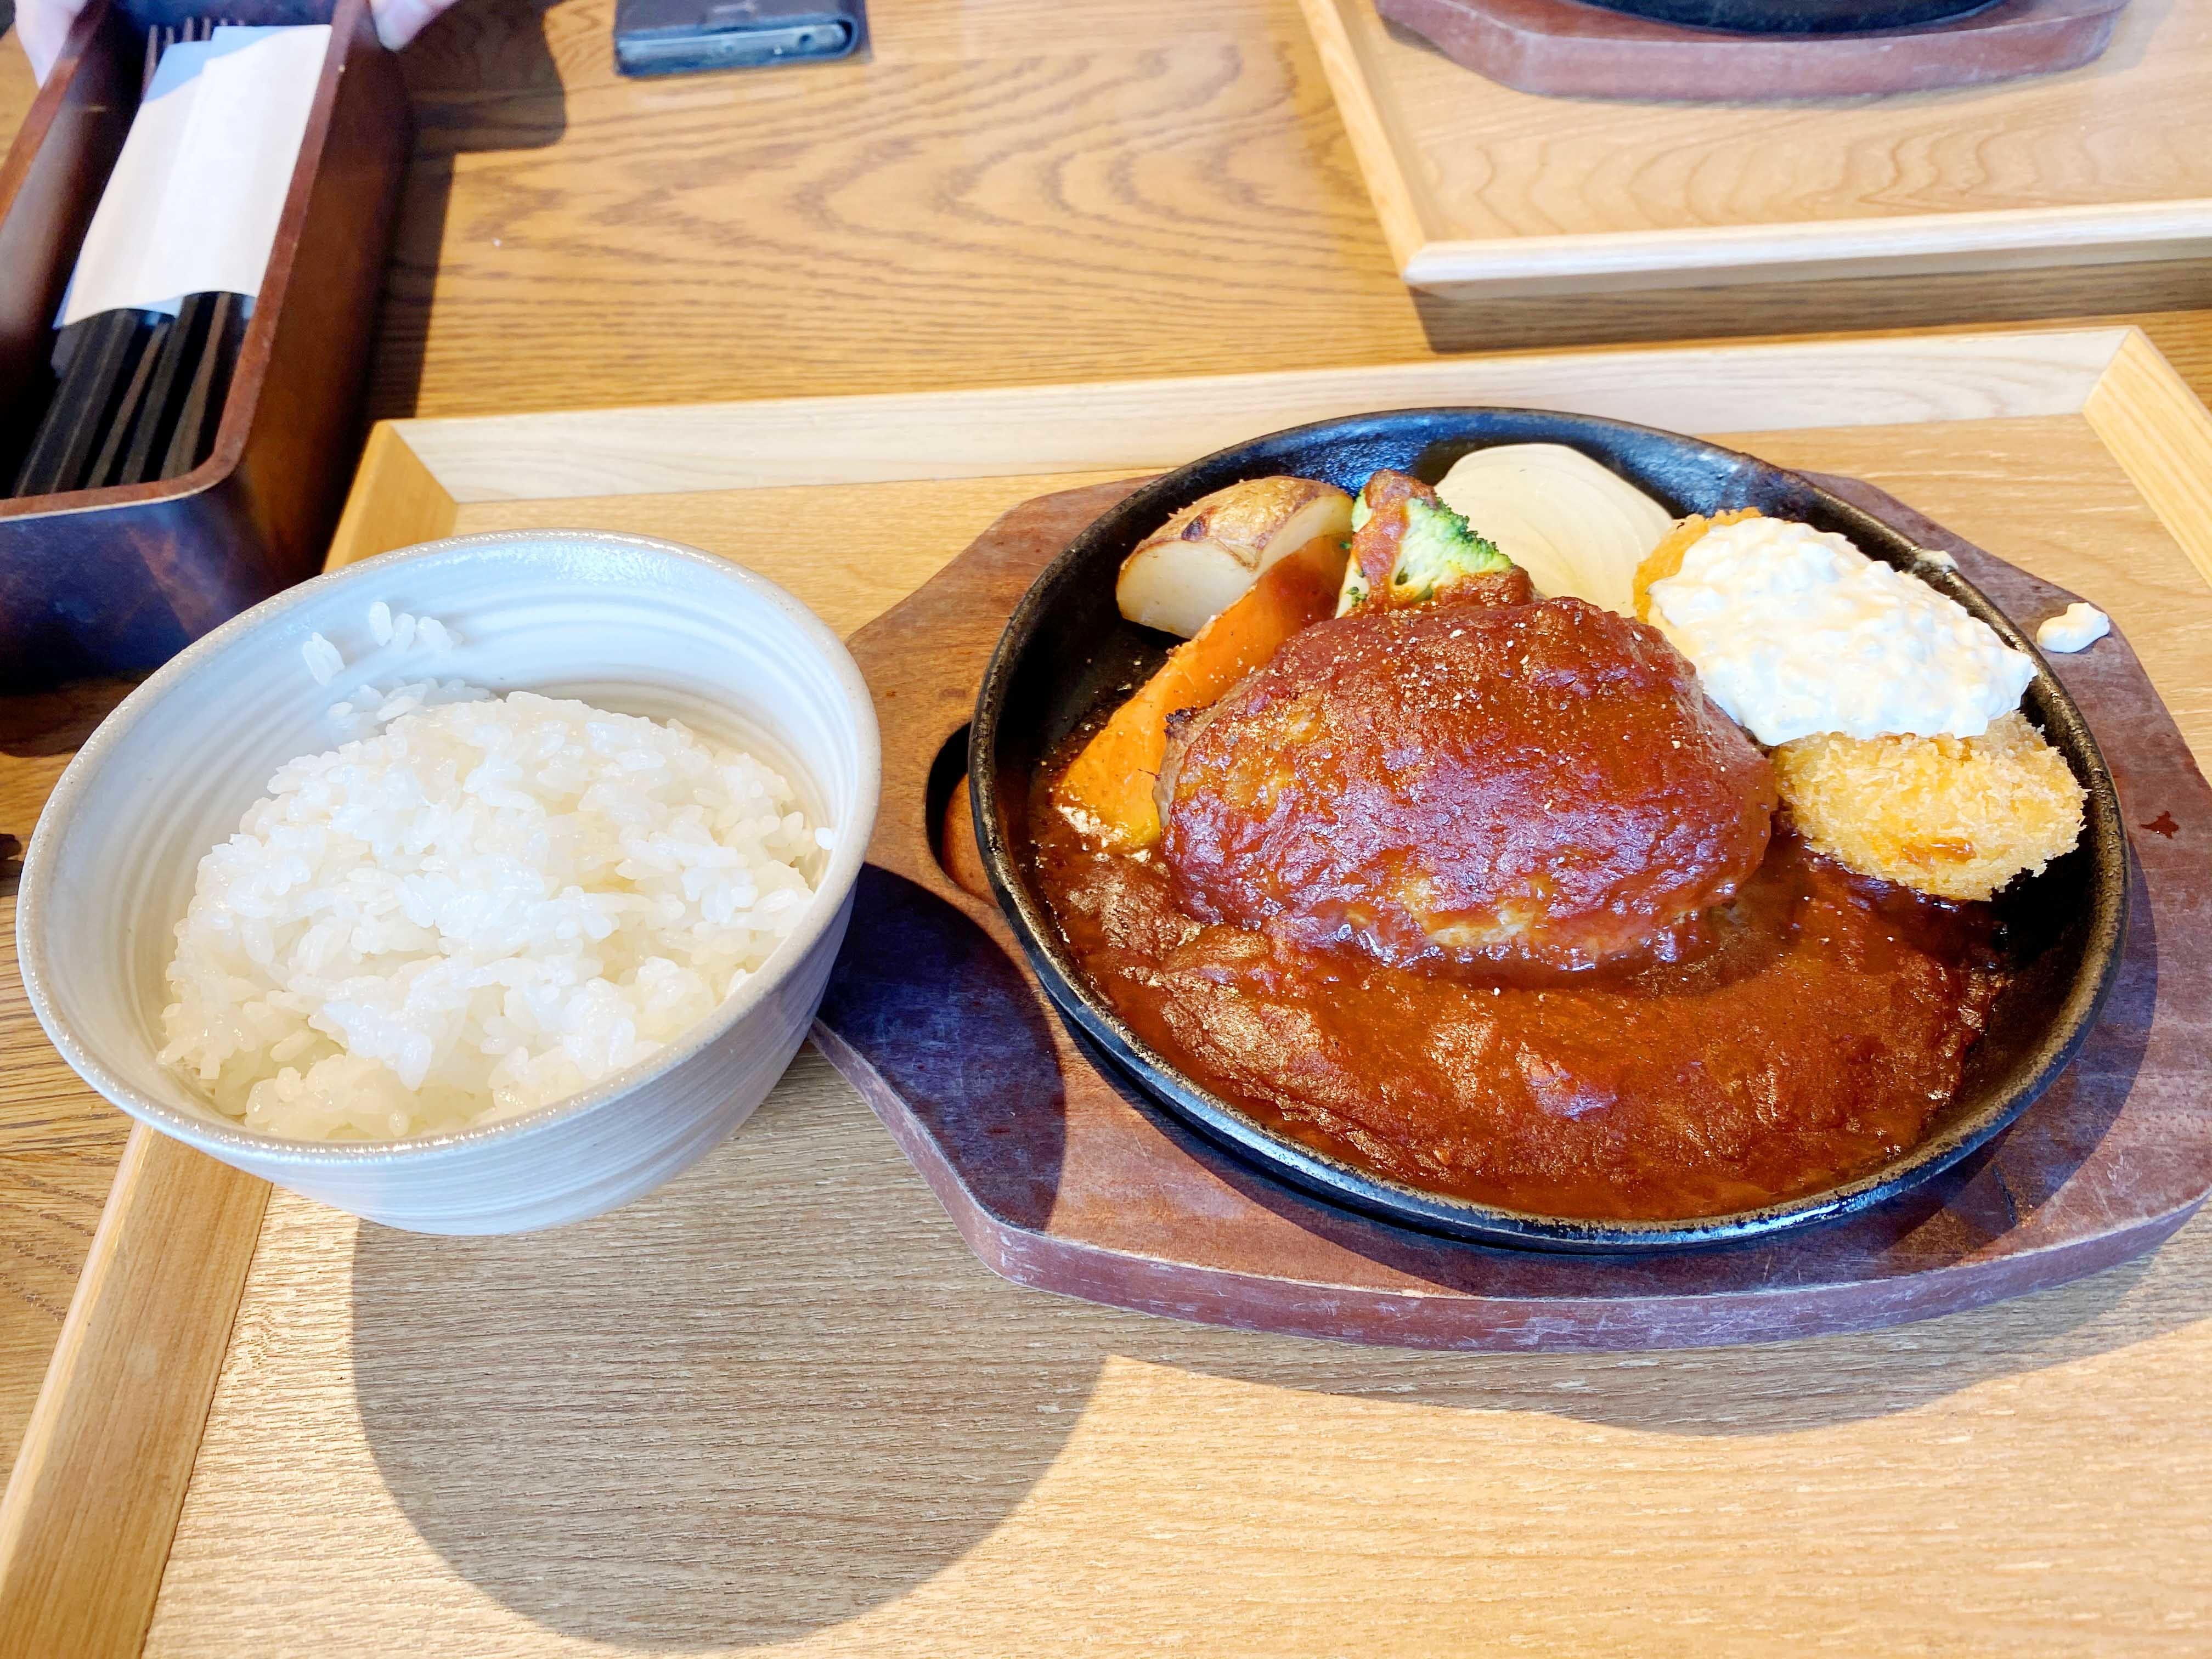 窯焼きハンバーグ&カニクリームコロッケ 1380円